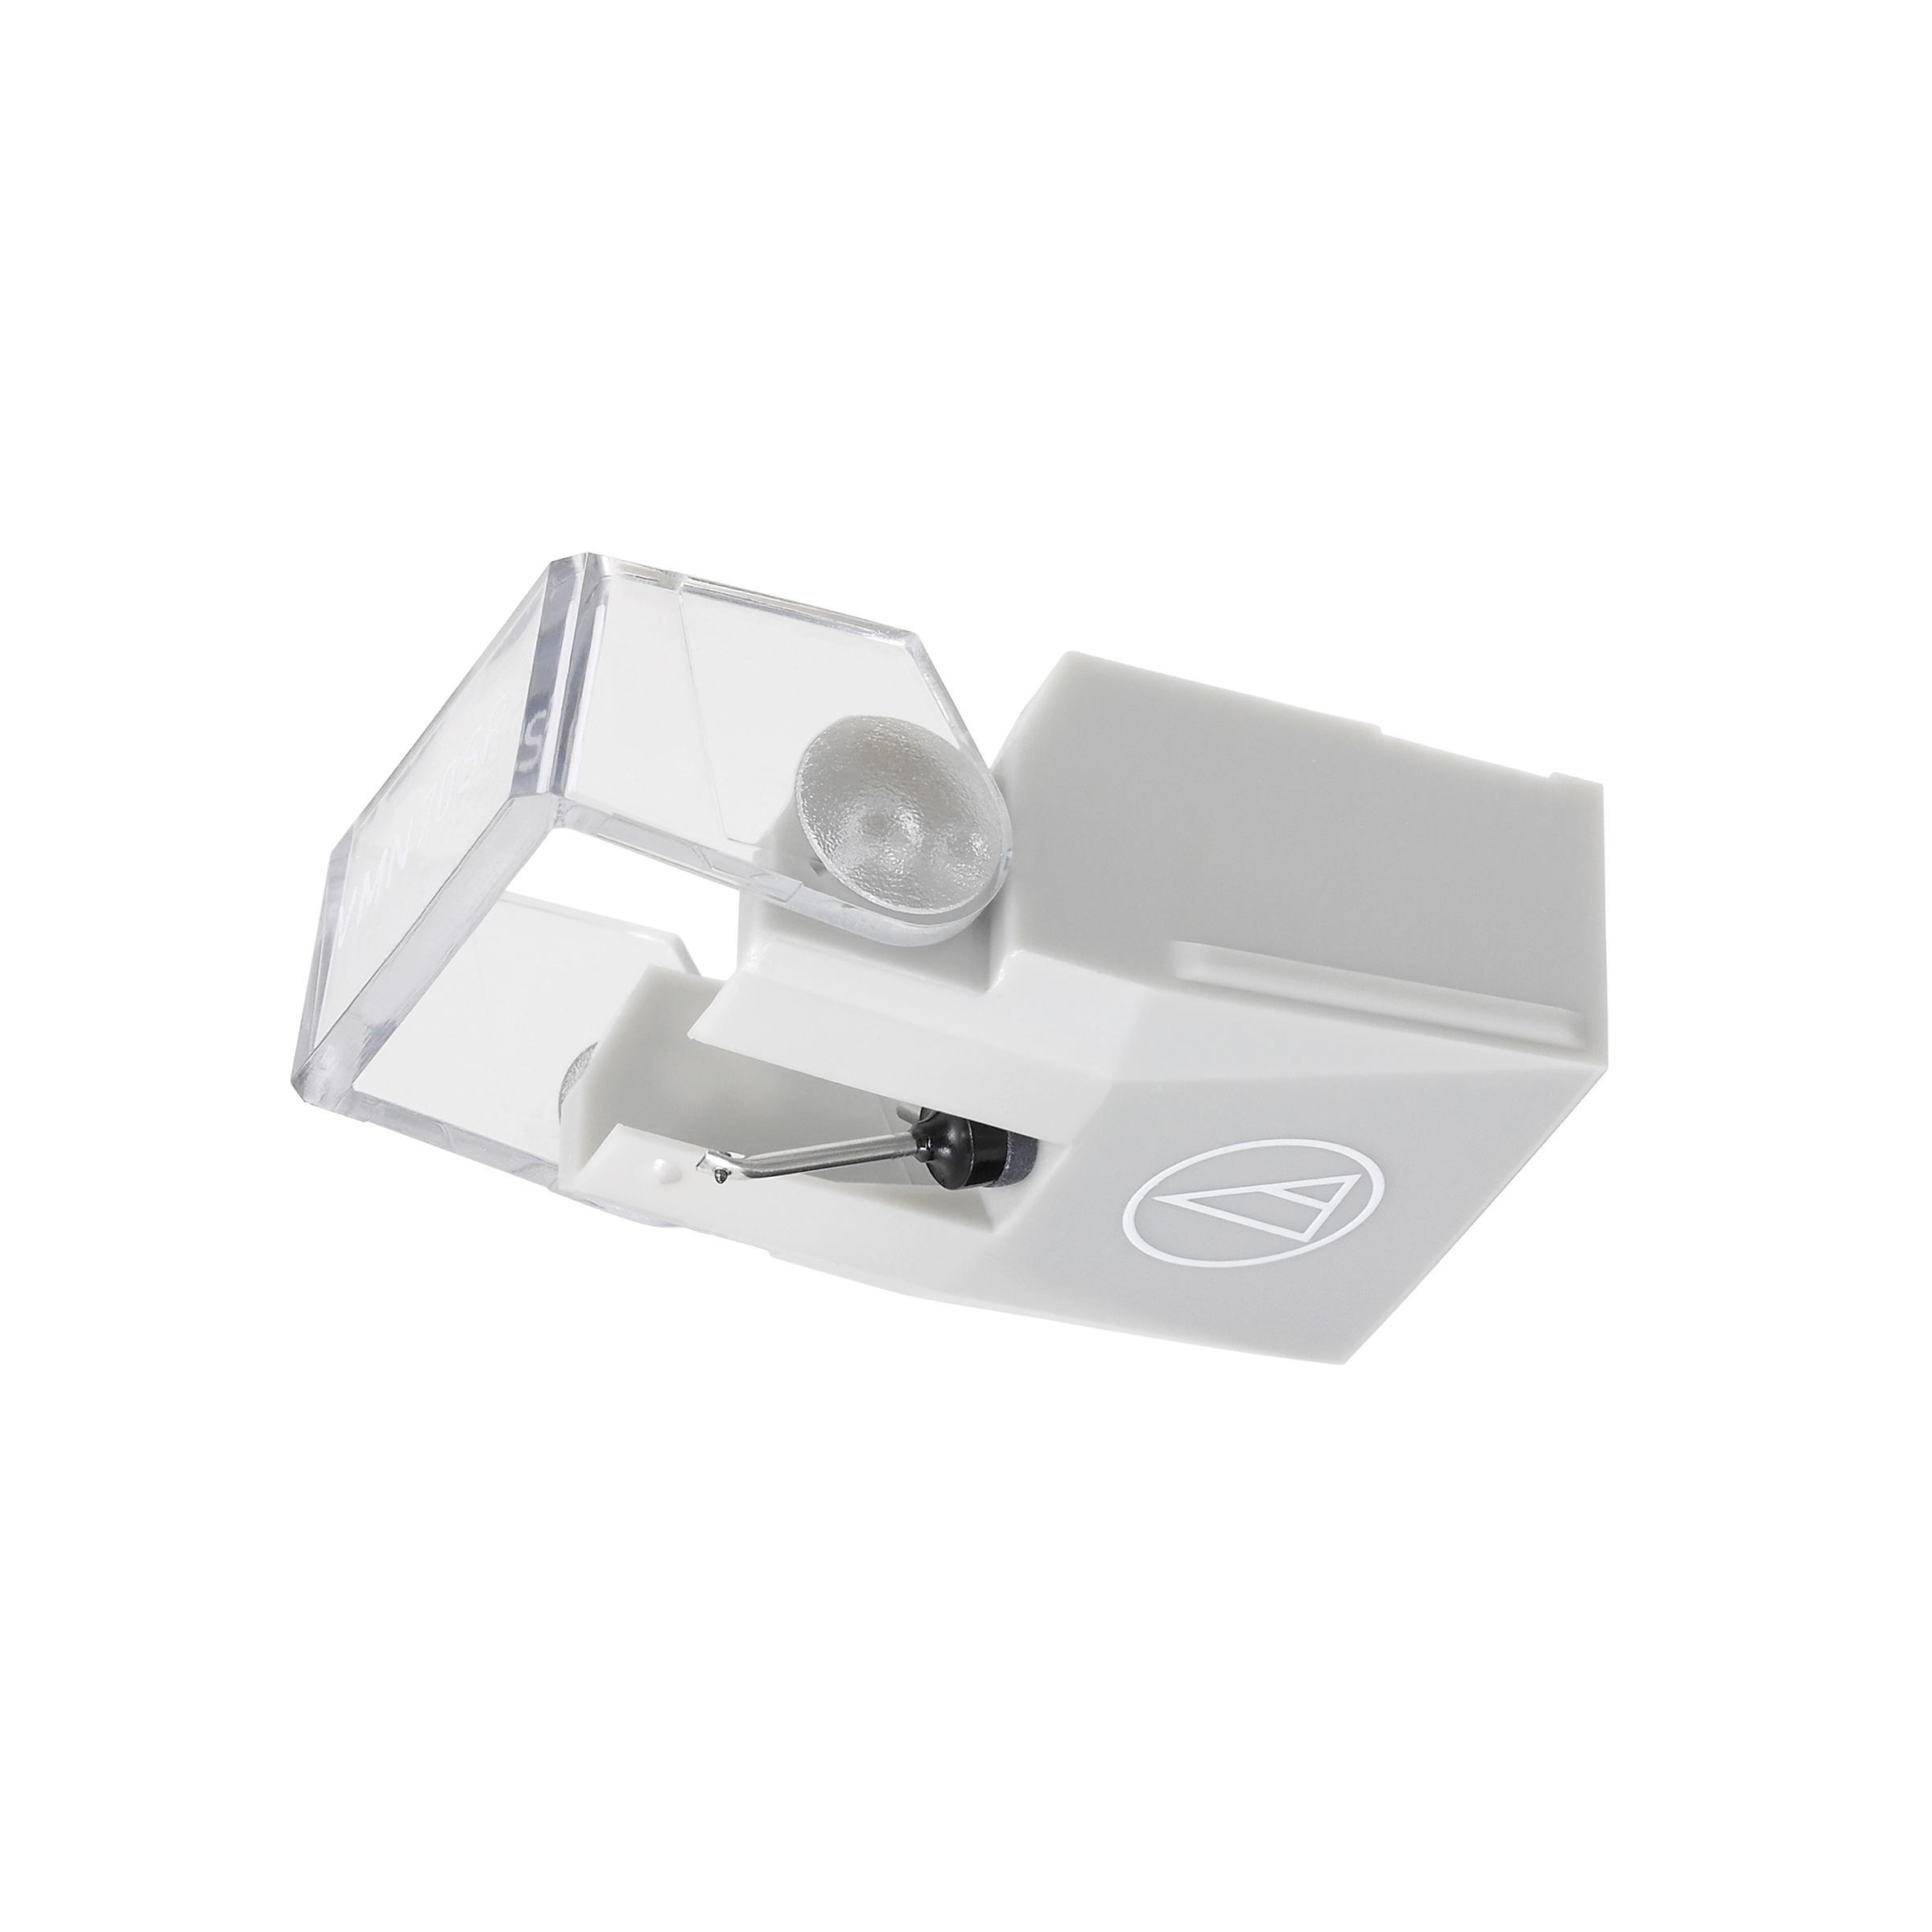 Amazon.com: Audio-Technica vmn70sp 3 mm Specialty cónica ...